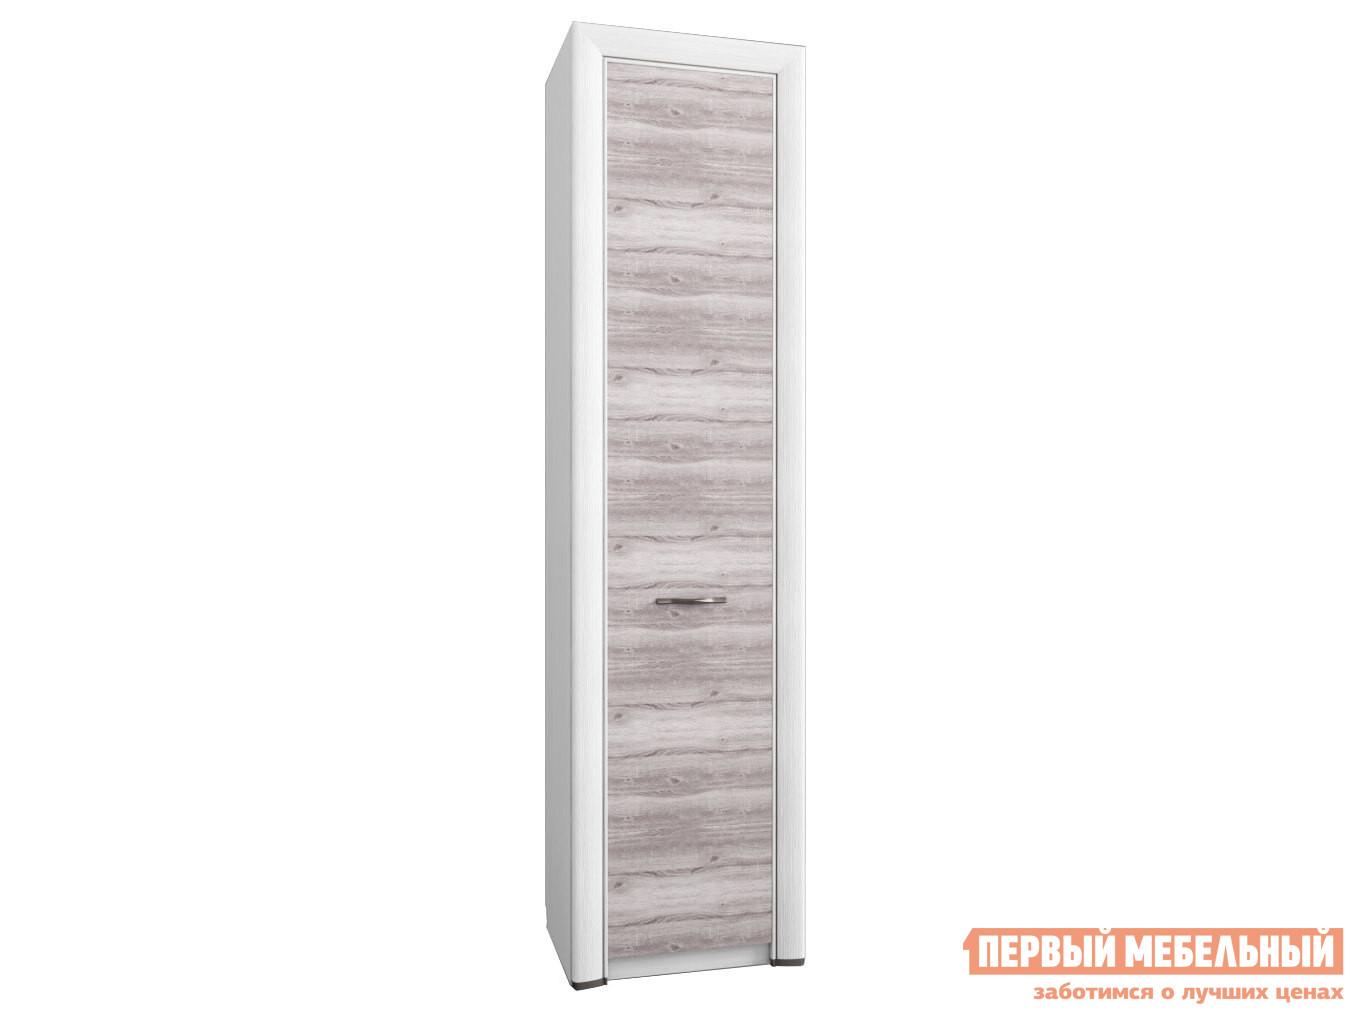 Шкаф-пенал Первый Мебельный Пенал Оливия 3 цена